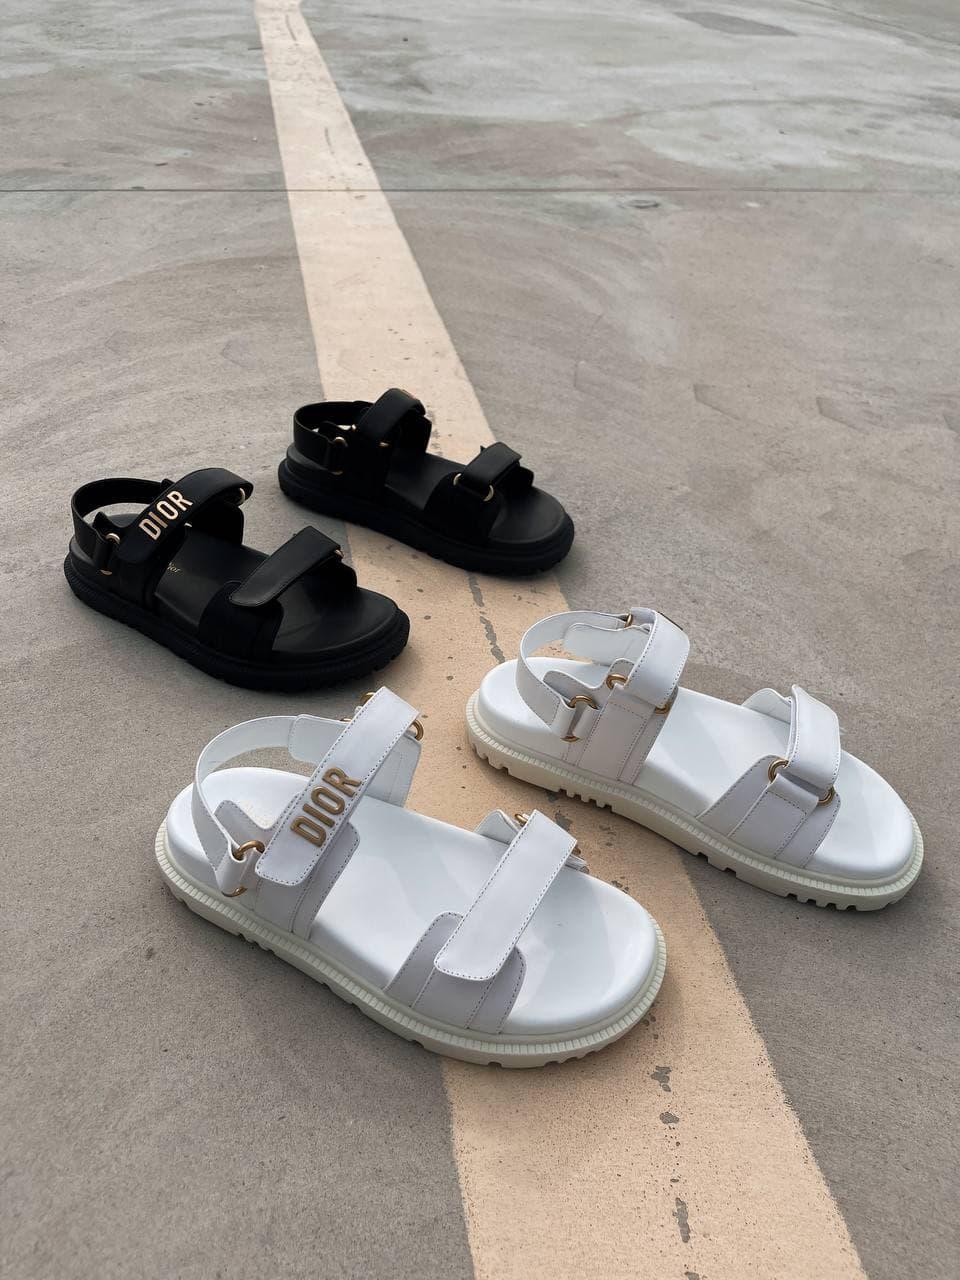 Сандалии женские Dior Sandals (Premium) белые. Женские спортивные босоножки Диор белого цвета.